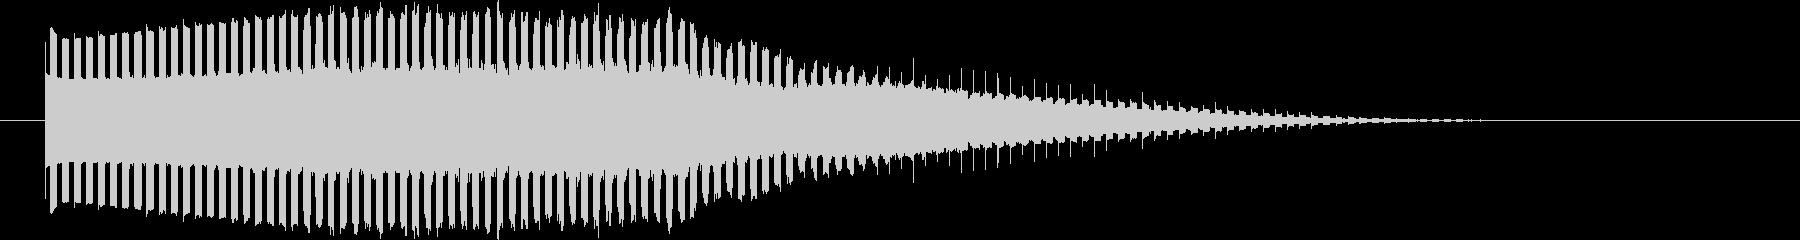 流れ星 UFOを思わせるアニメ風サウンドの未再生の波形